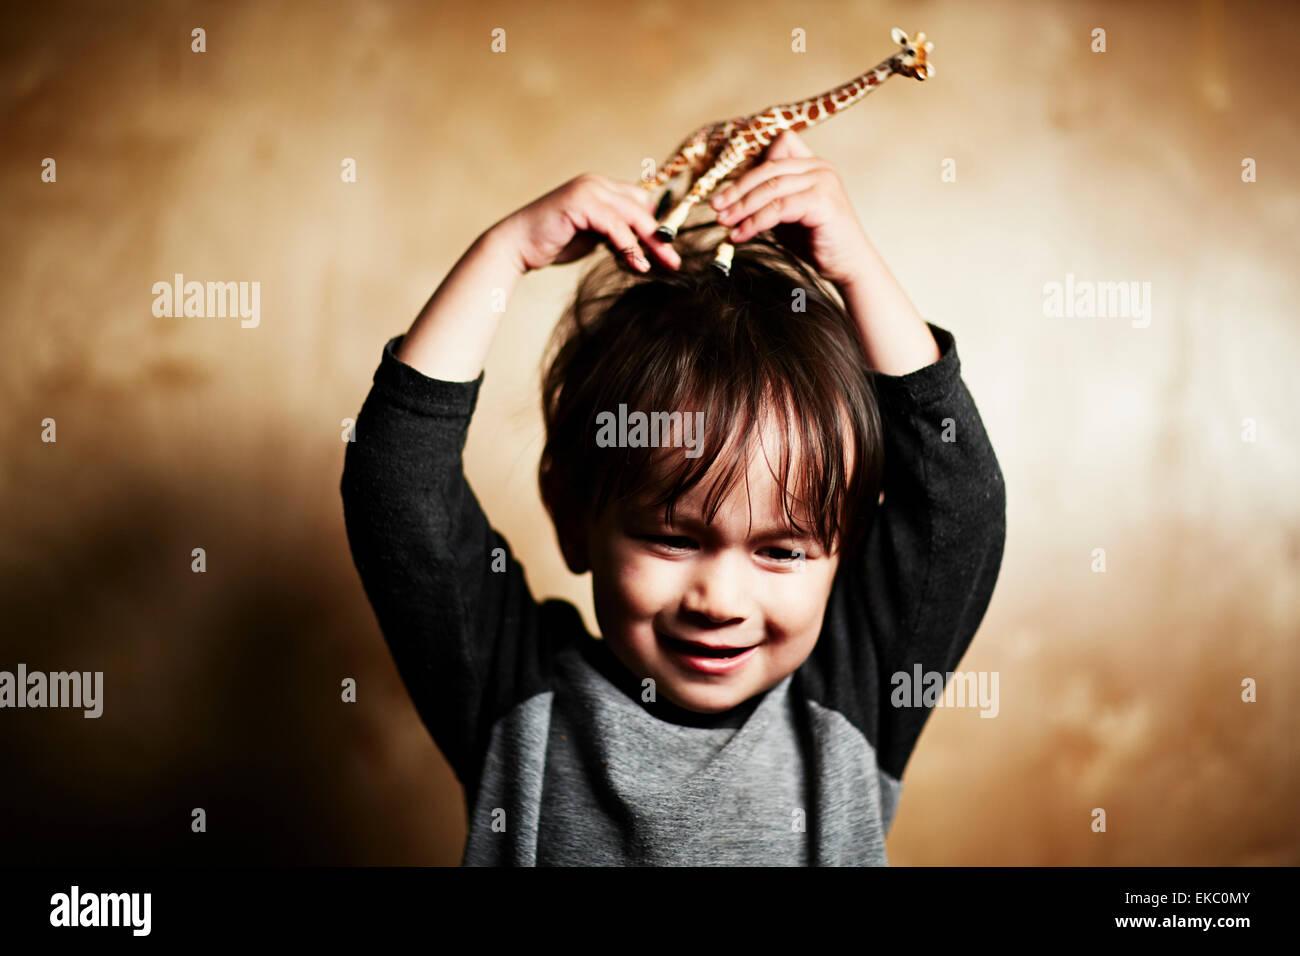 Ritratto di cute toddler maschio holding toy giraffa sulla sua testa Immagini Stock